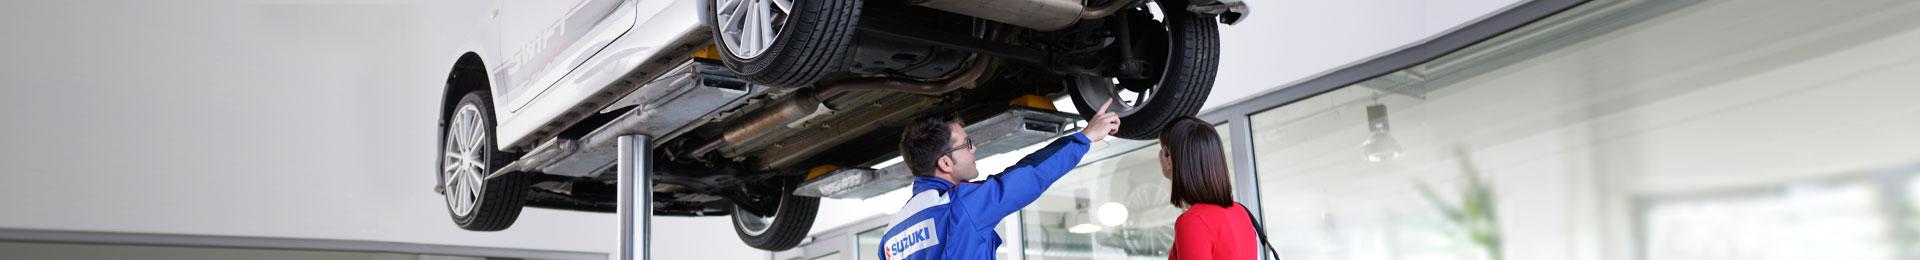 Suzuki Service Header